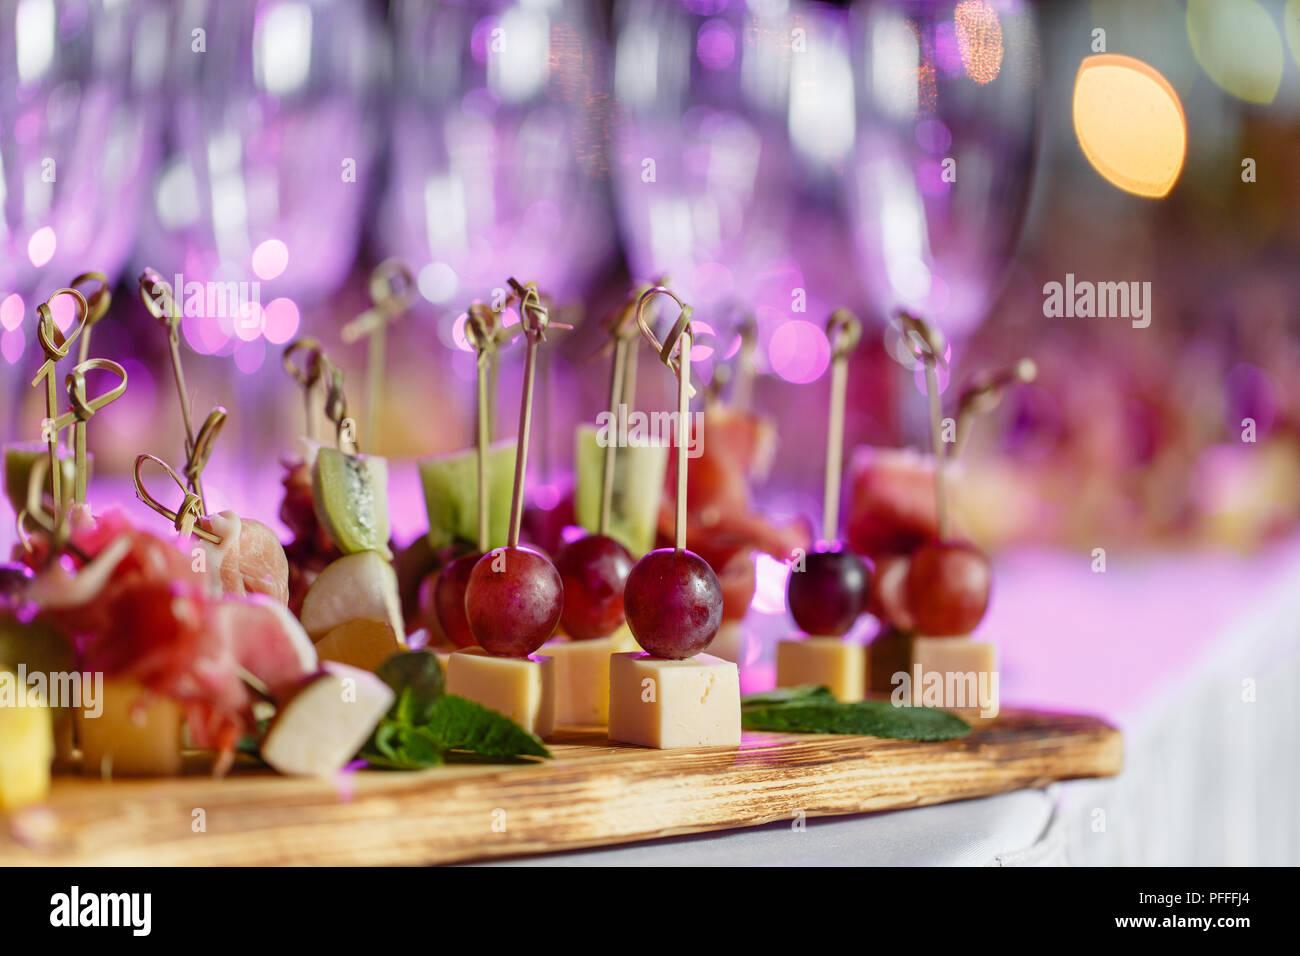 Feierlichen Rutsch ins neue Jahr und Veranstaltungsräume. Viele Gläser Champagner oder Wein auf dem Tisch im Restaurant Buffet mit vielen leckeren Snacks. Canapees, Bruschetta, und kleine Desserts auf Holzplatte board Stockbild